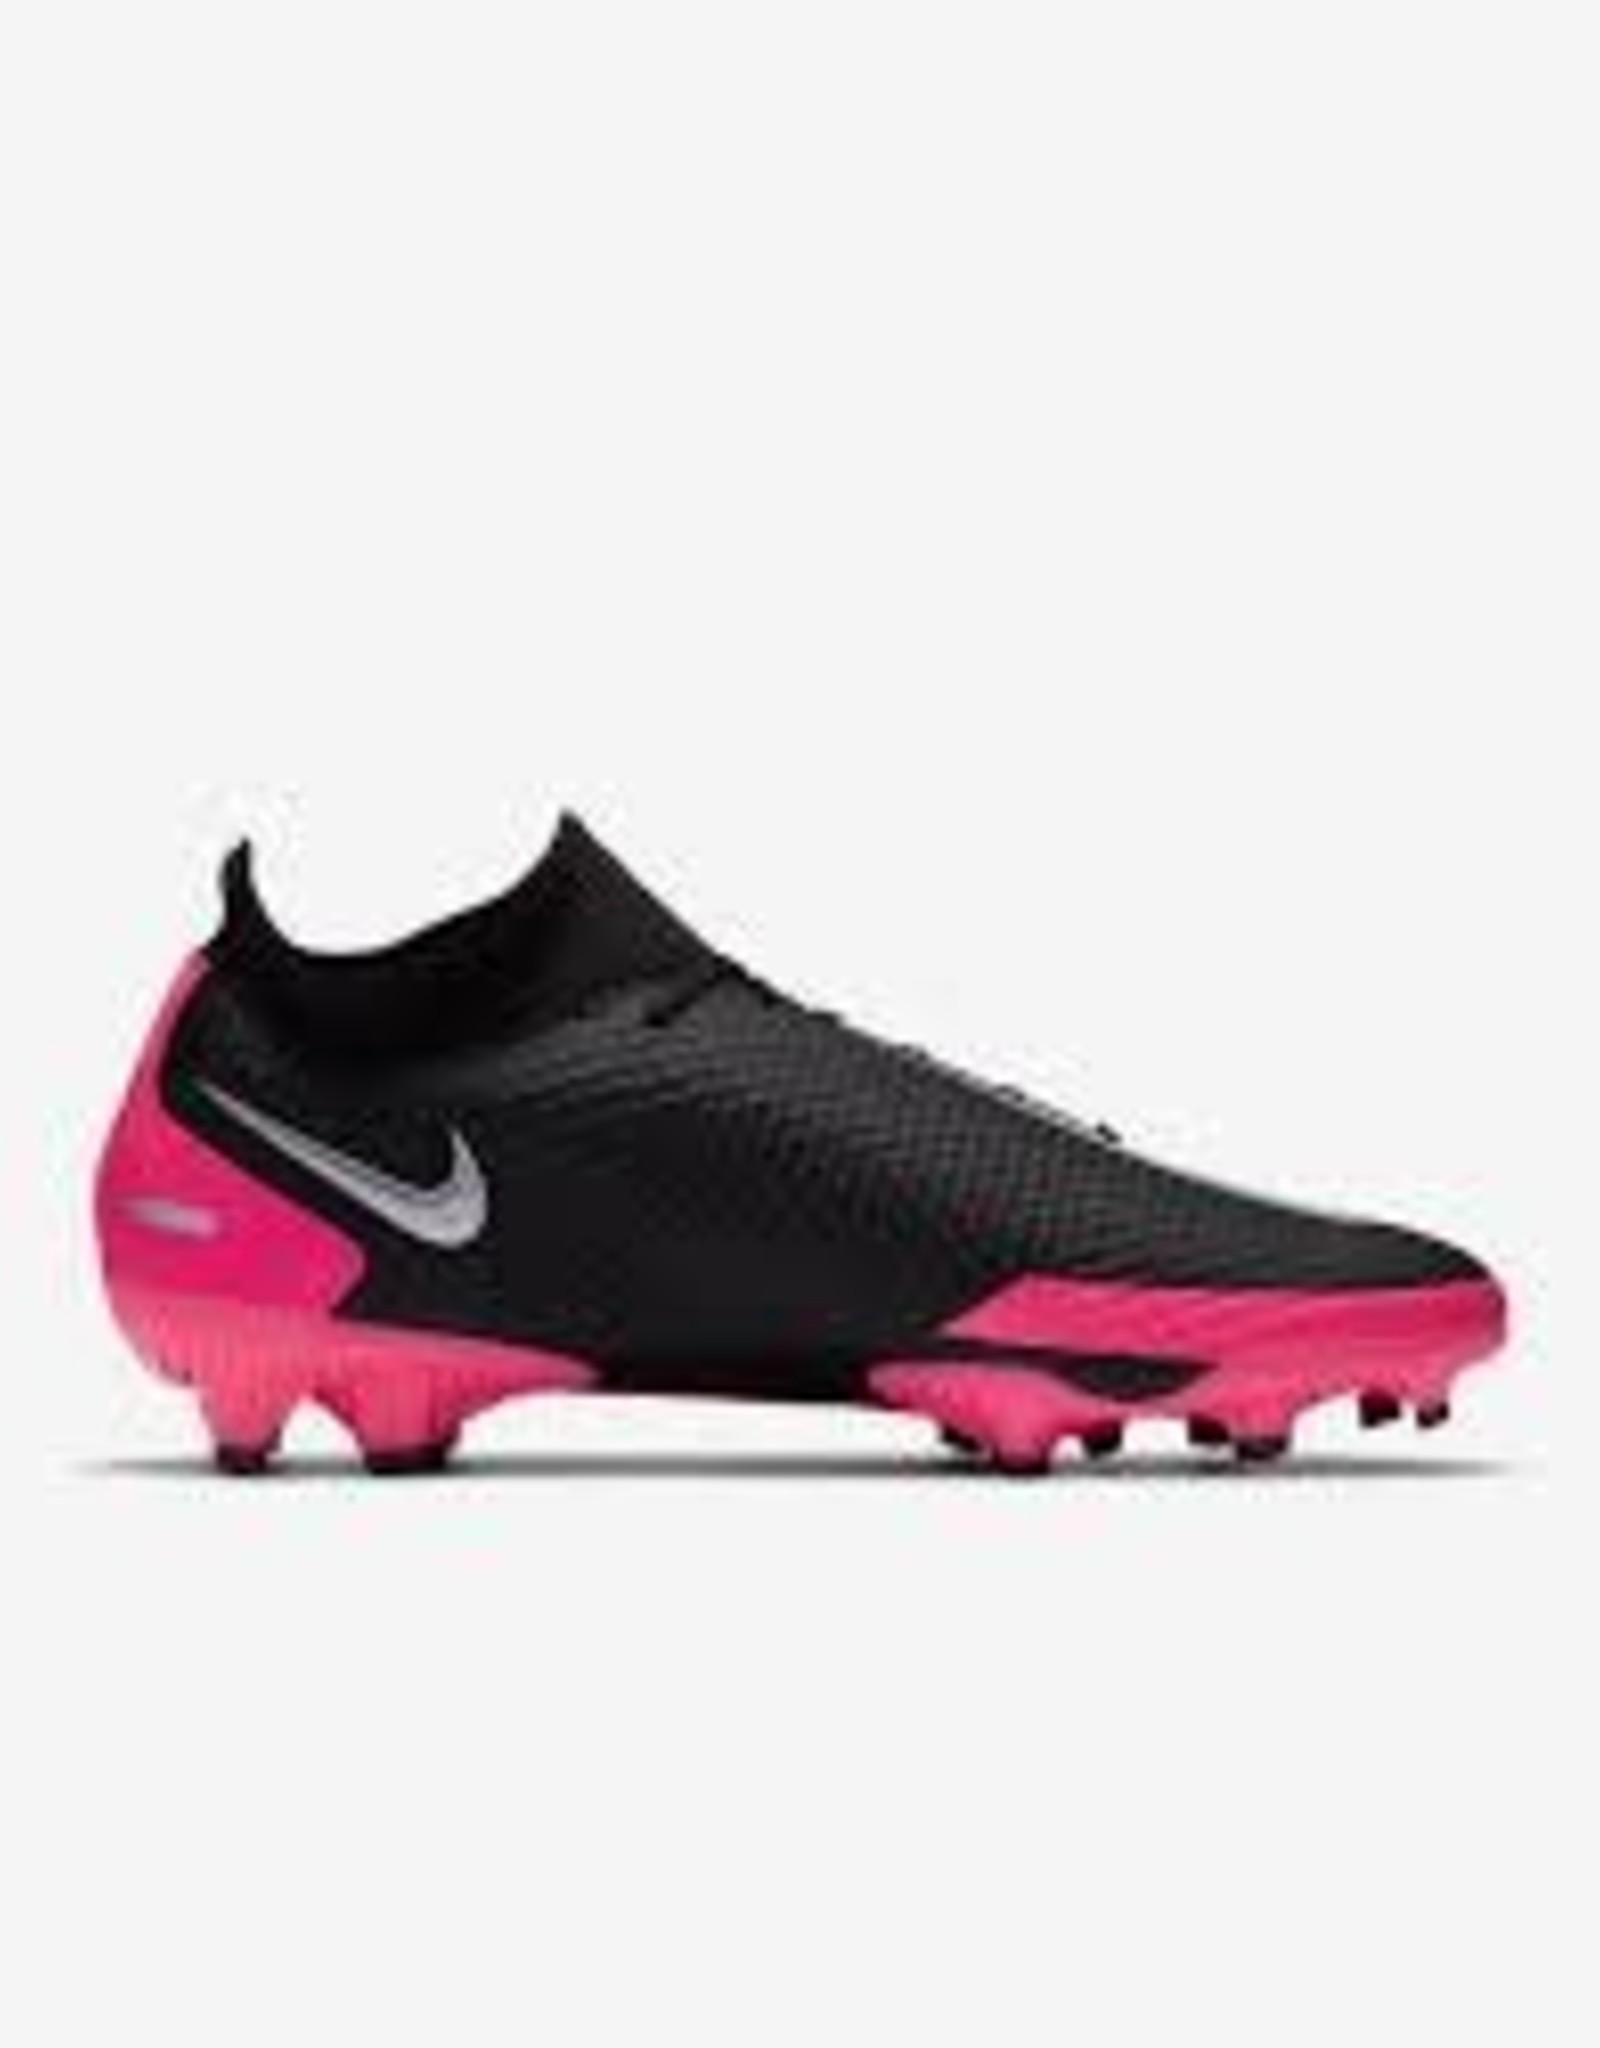 Nike Nike FG/MG Phantom GT Ac Dyn